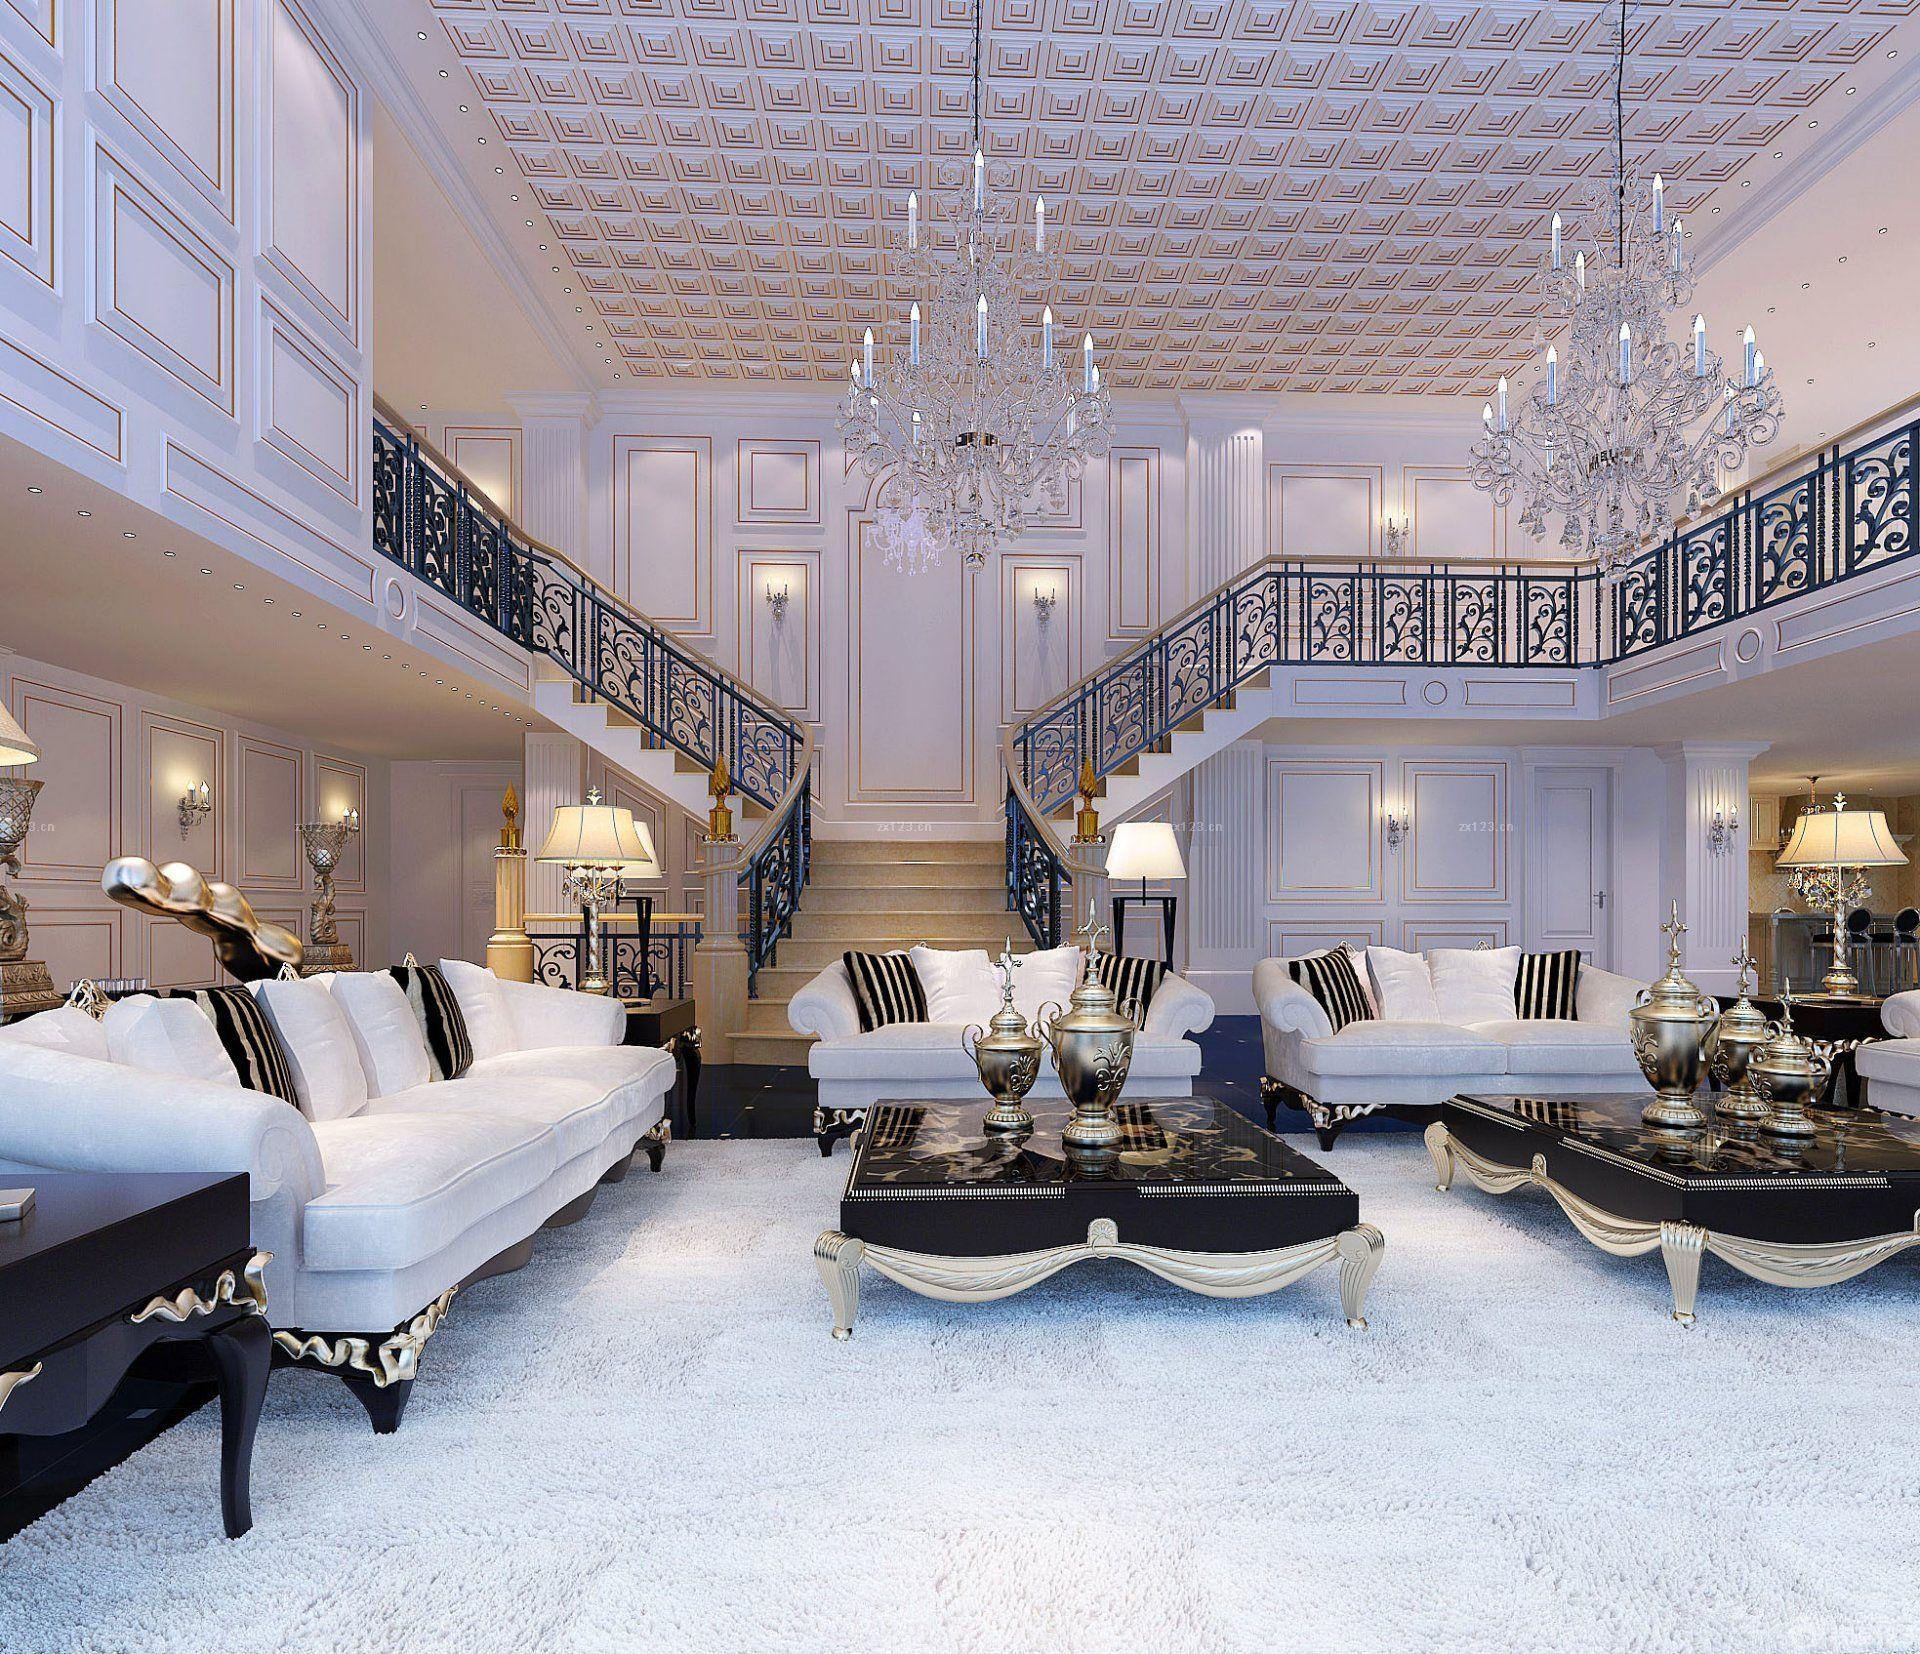 2015最新顶级别墅豪华客厅设计装修图片